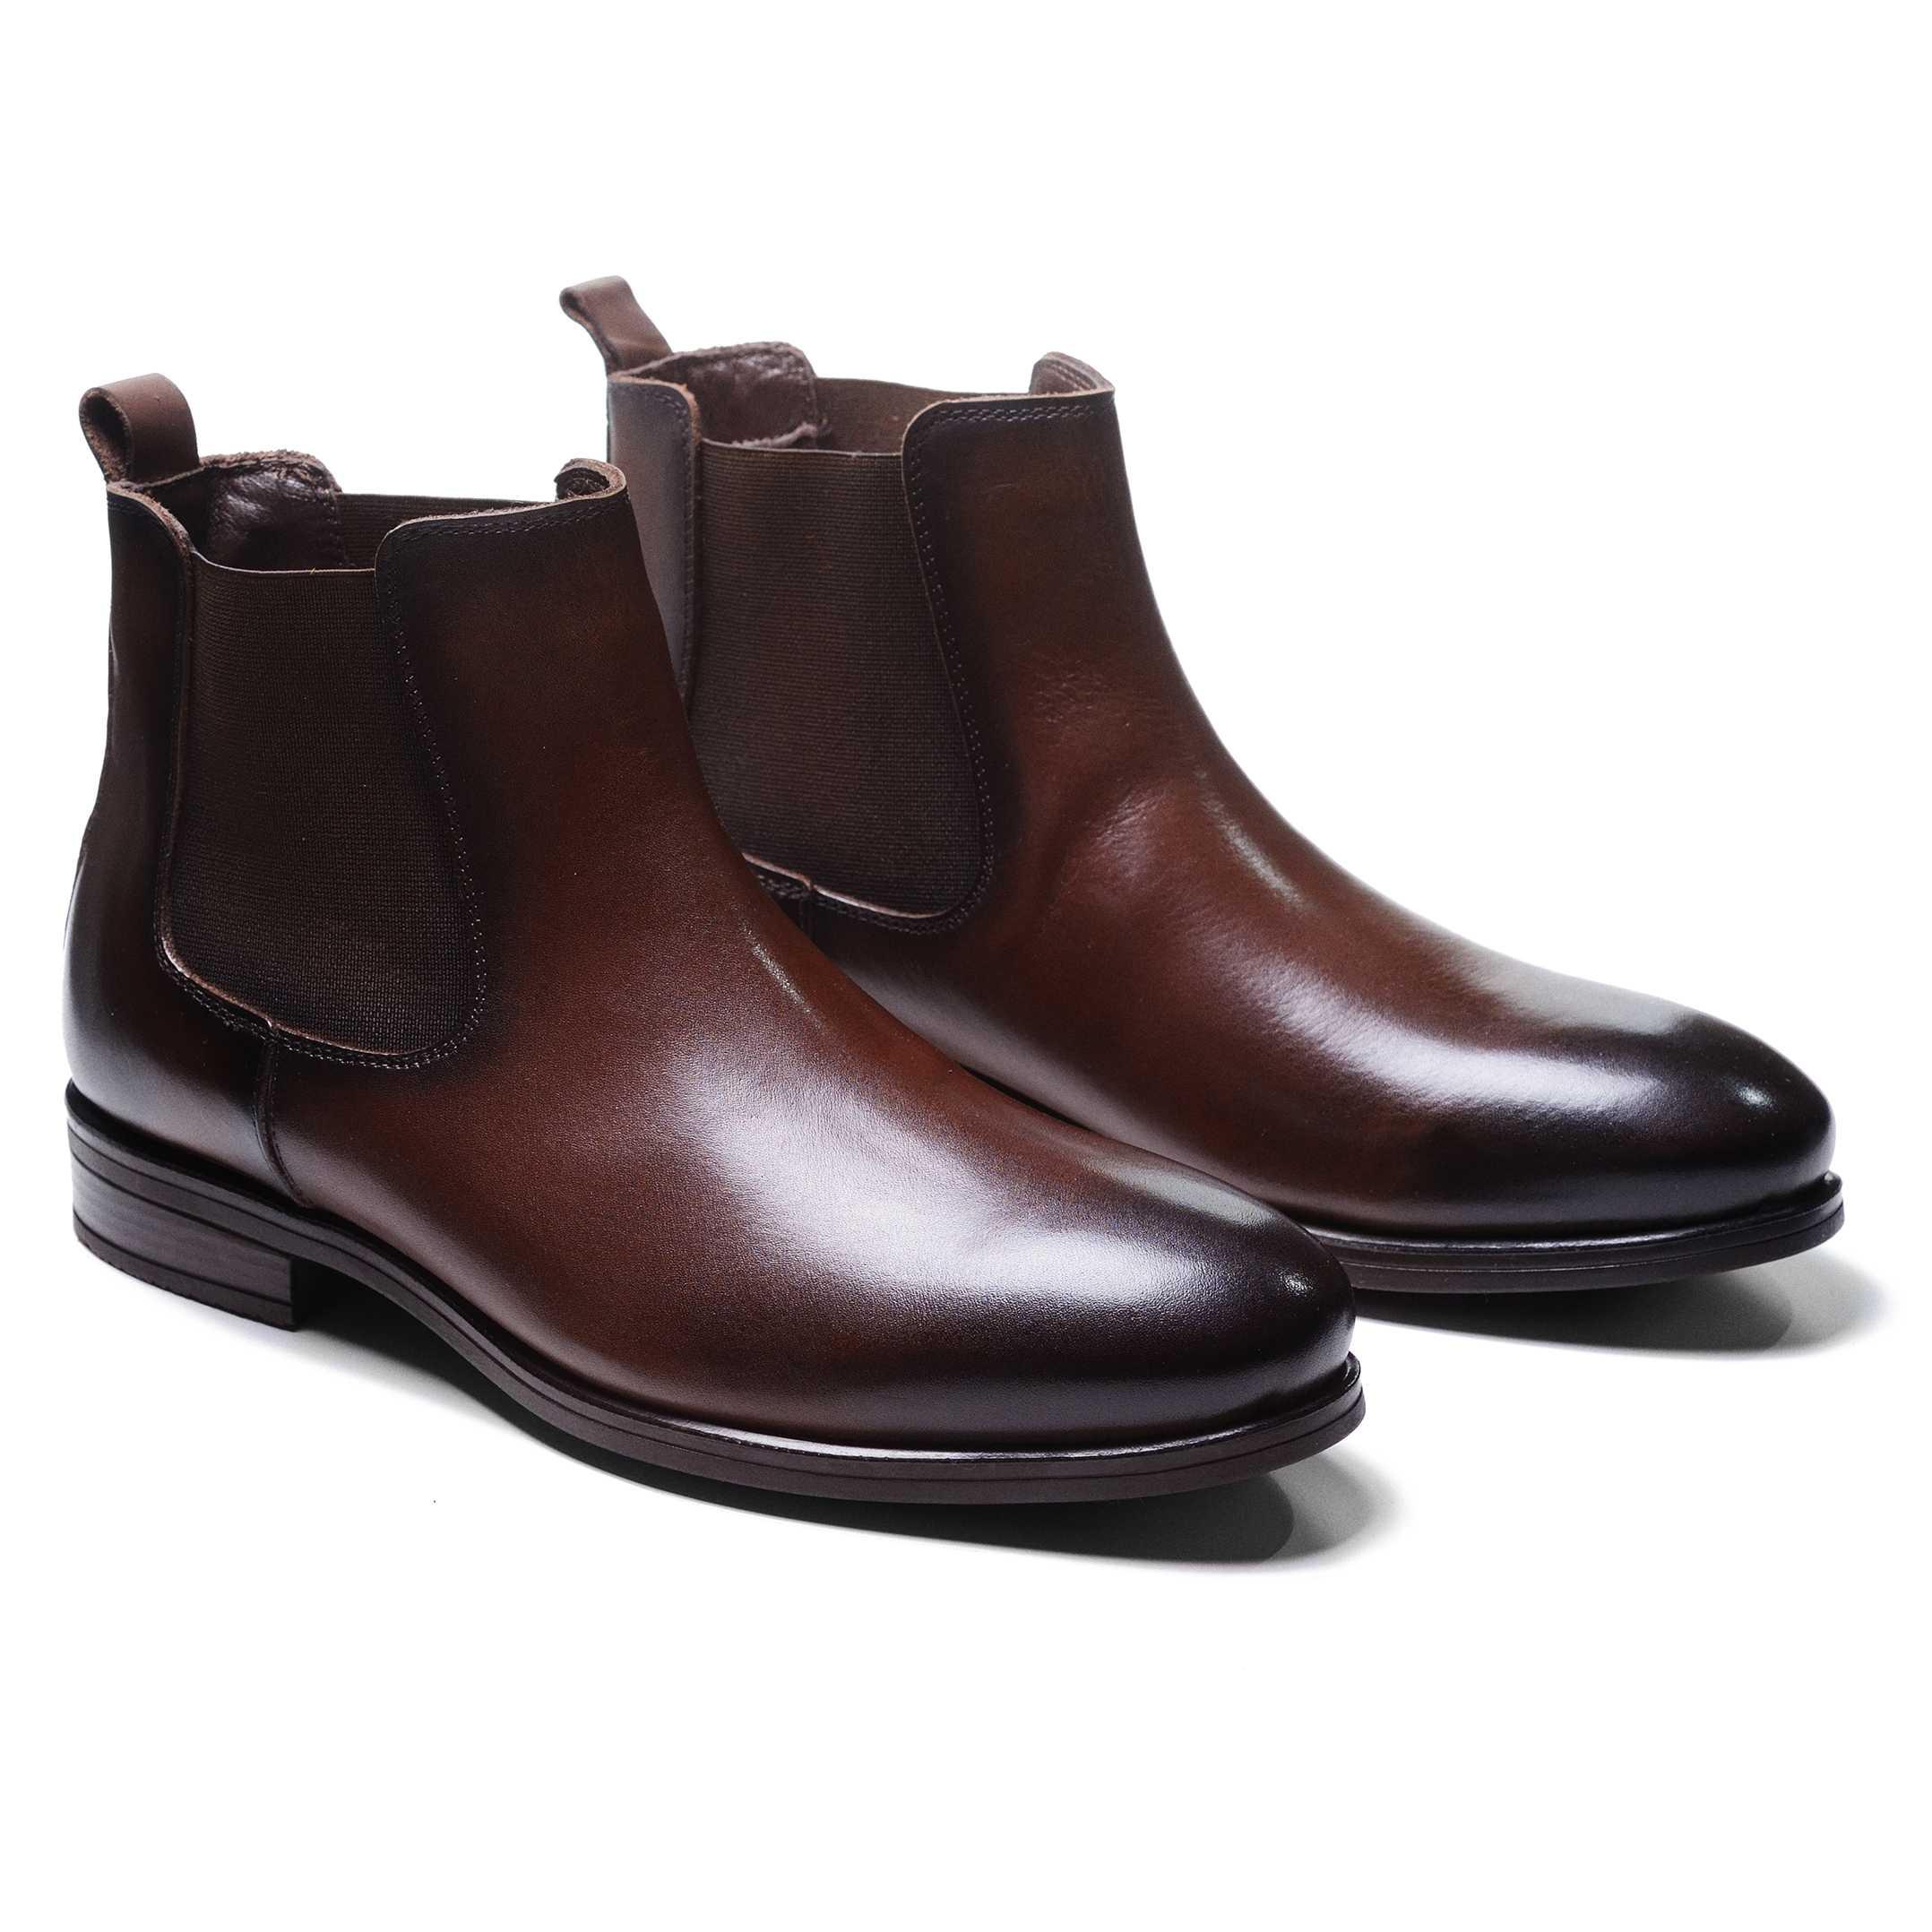 Ботинки мужские челси коричневые из гладкой кожи (chelsea plain toe boot)